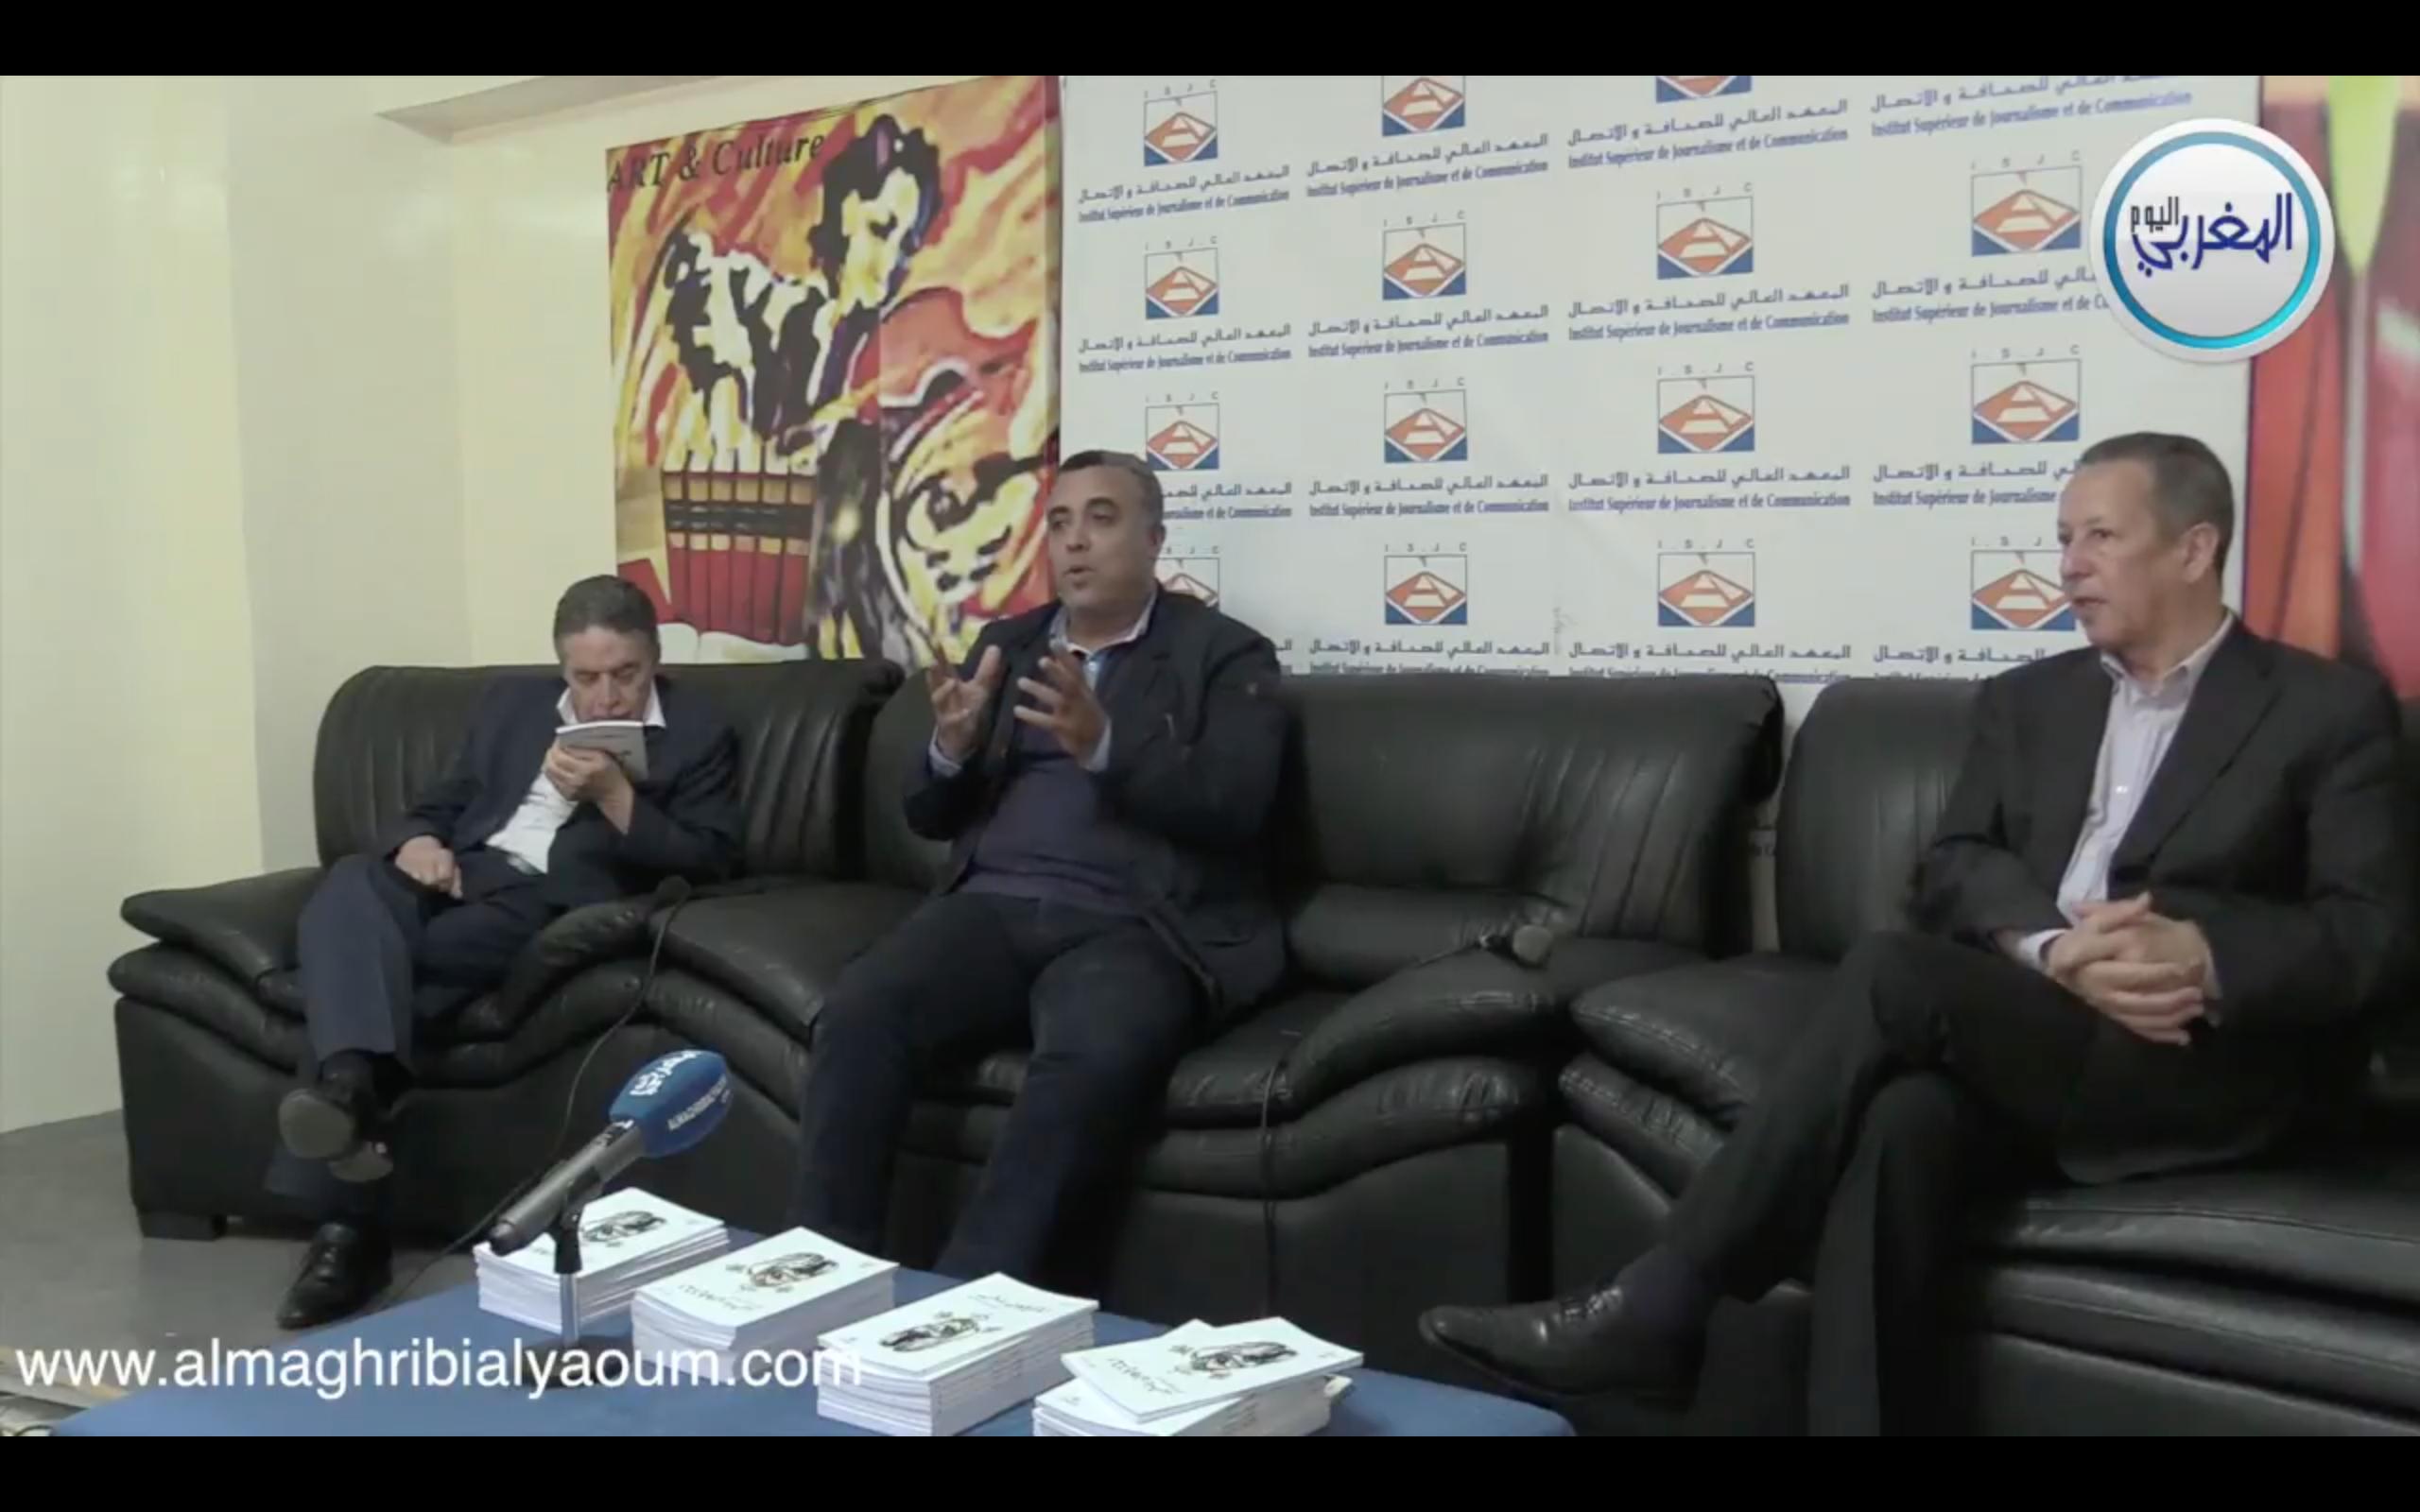 """بالفيديو… الزميل أحمد علوة يقرب كتابه """"الميكروفون يتحرر"""" من الصحافيين الشباب"""